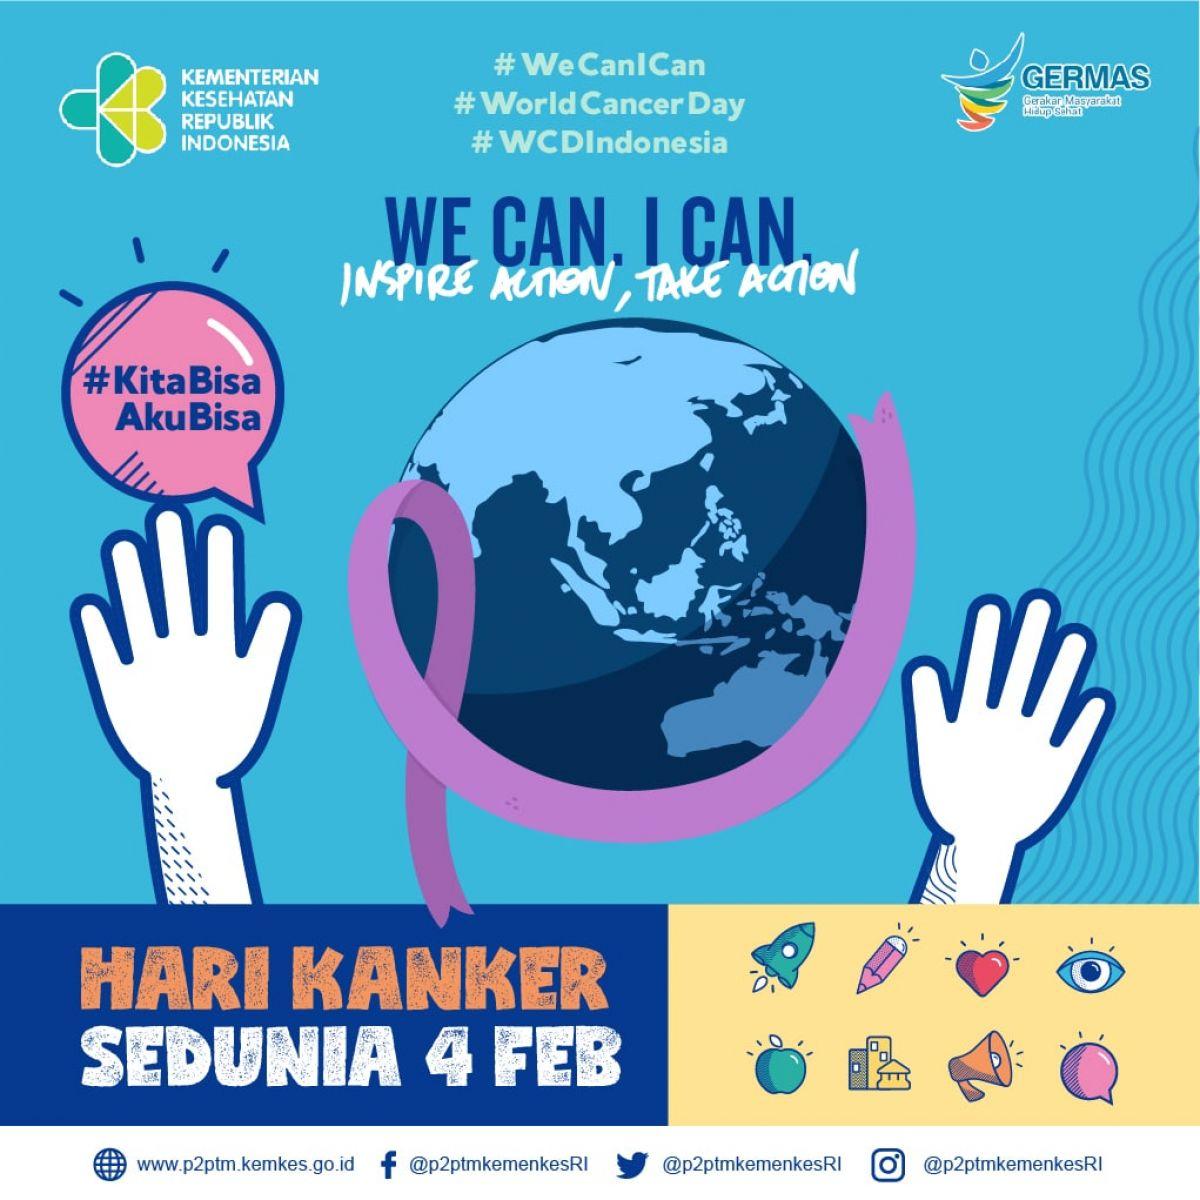 Peringatan Hari Kanker Sedunia 2018 - Direktorat P2PTM